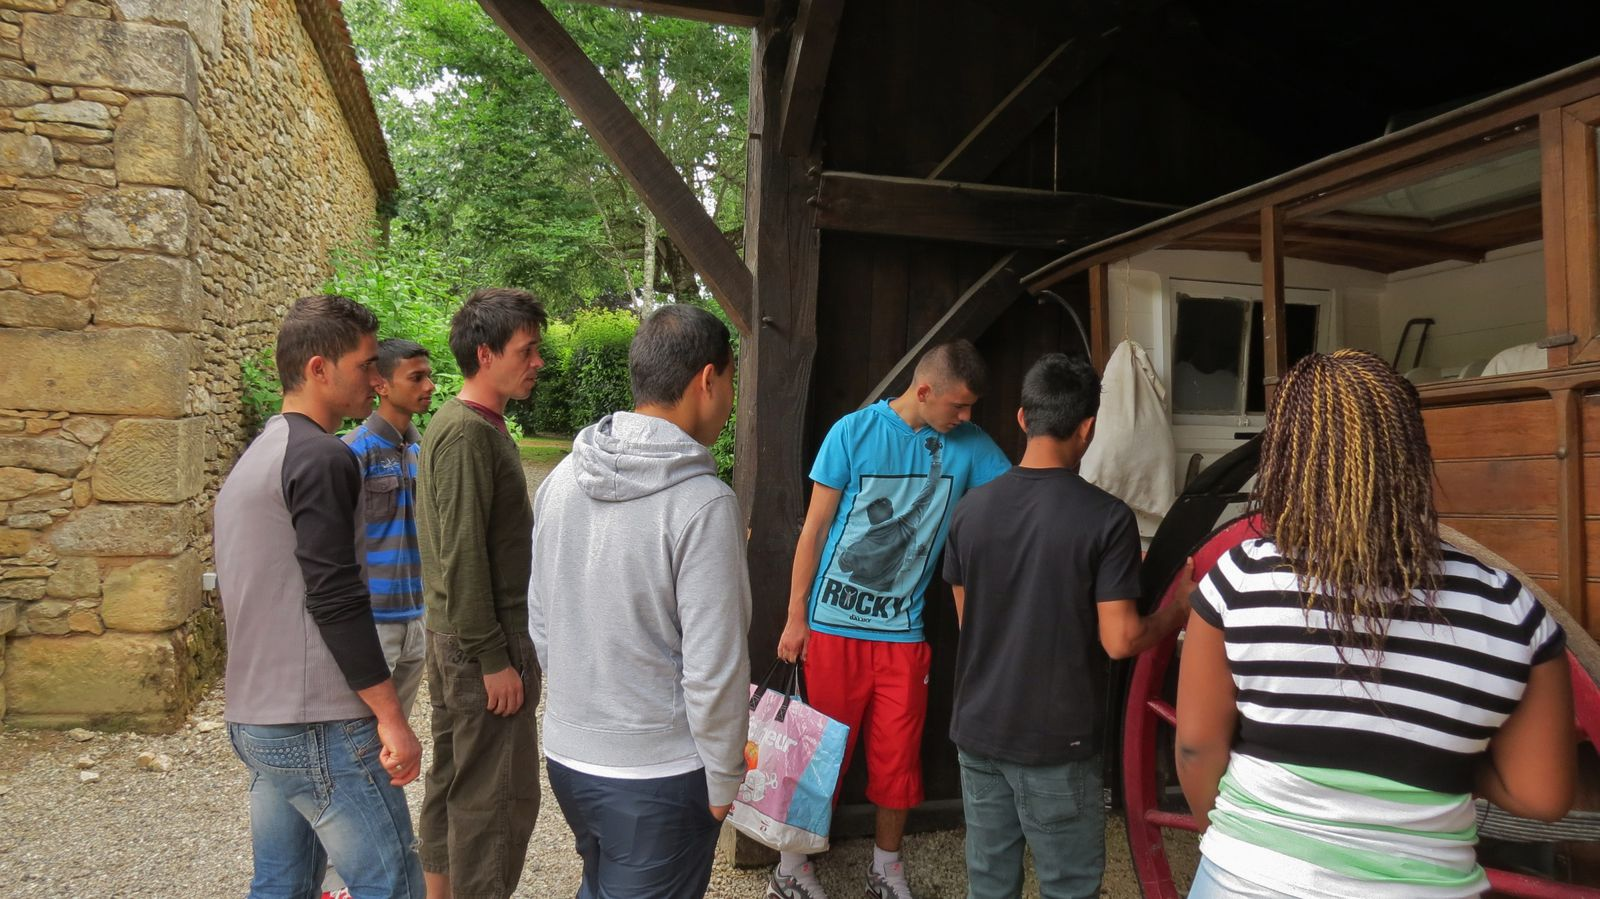 Notre visite du Bournat en juin 2013 : Angélique, Erzorig, Kamal, Kévin, Mariglen, Mohamed, Saiful + Emilie, Nicolas